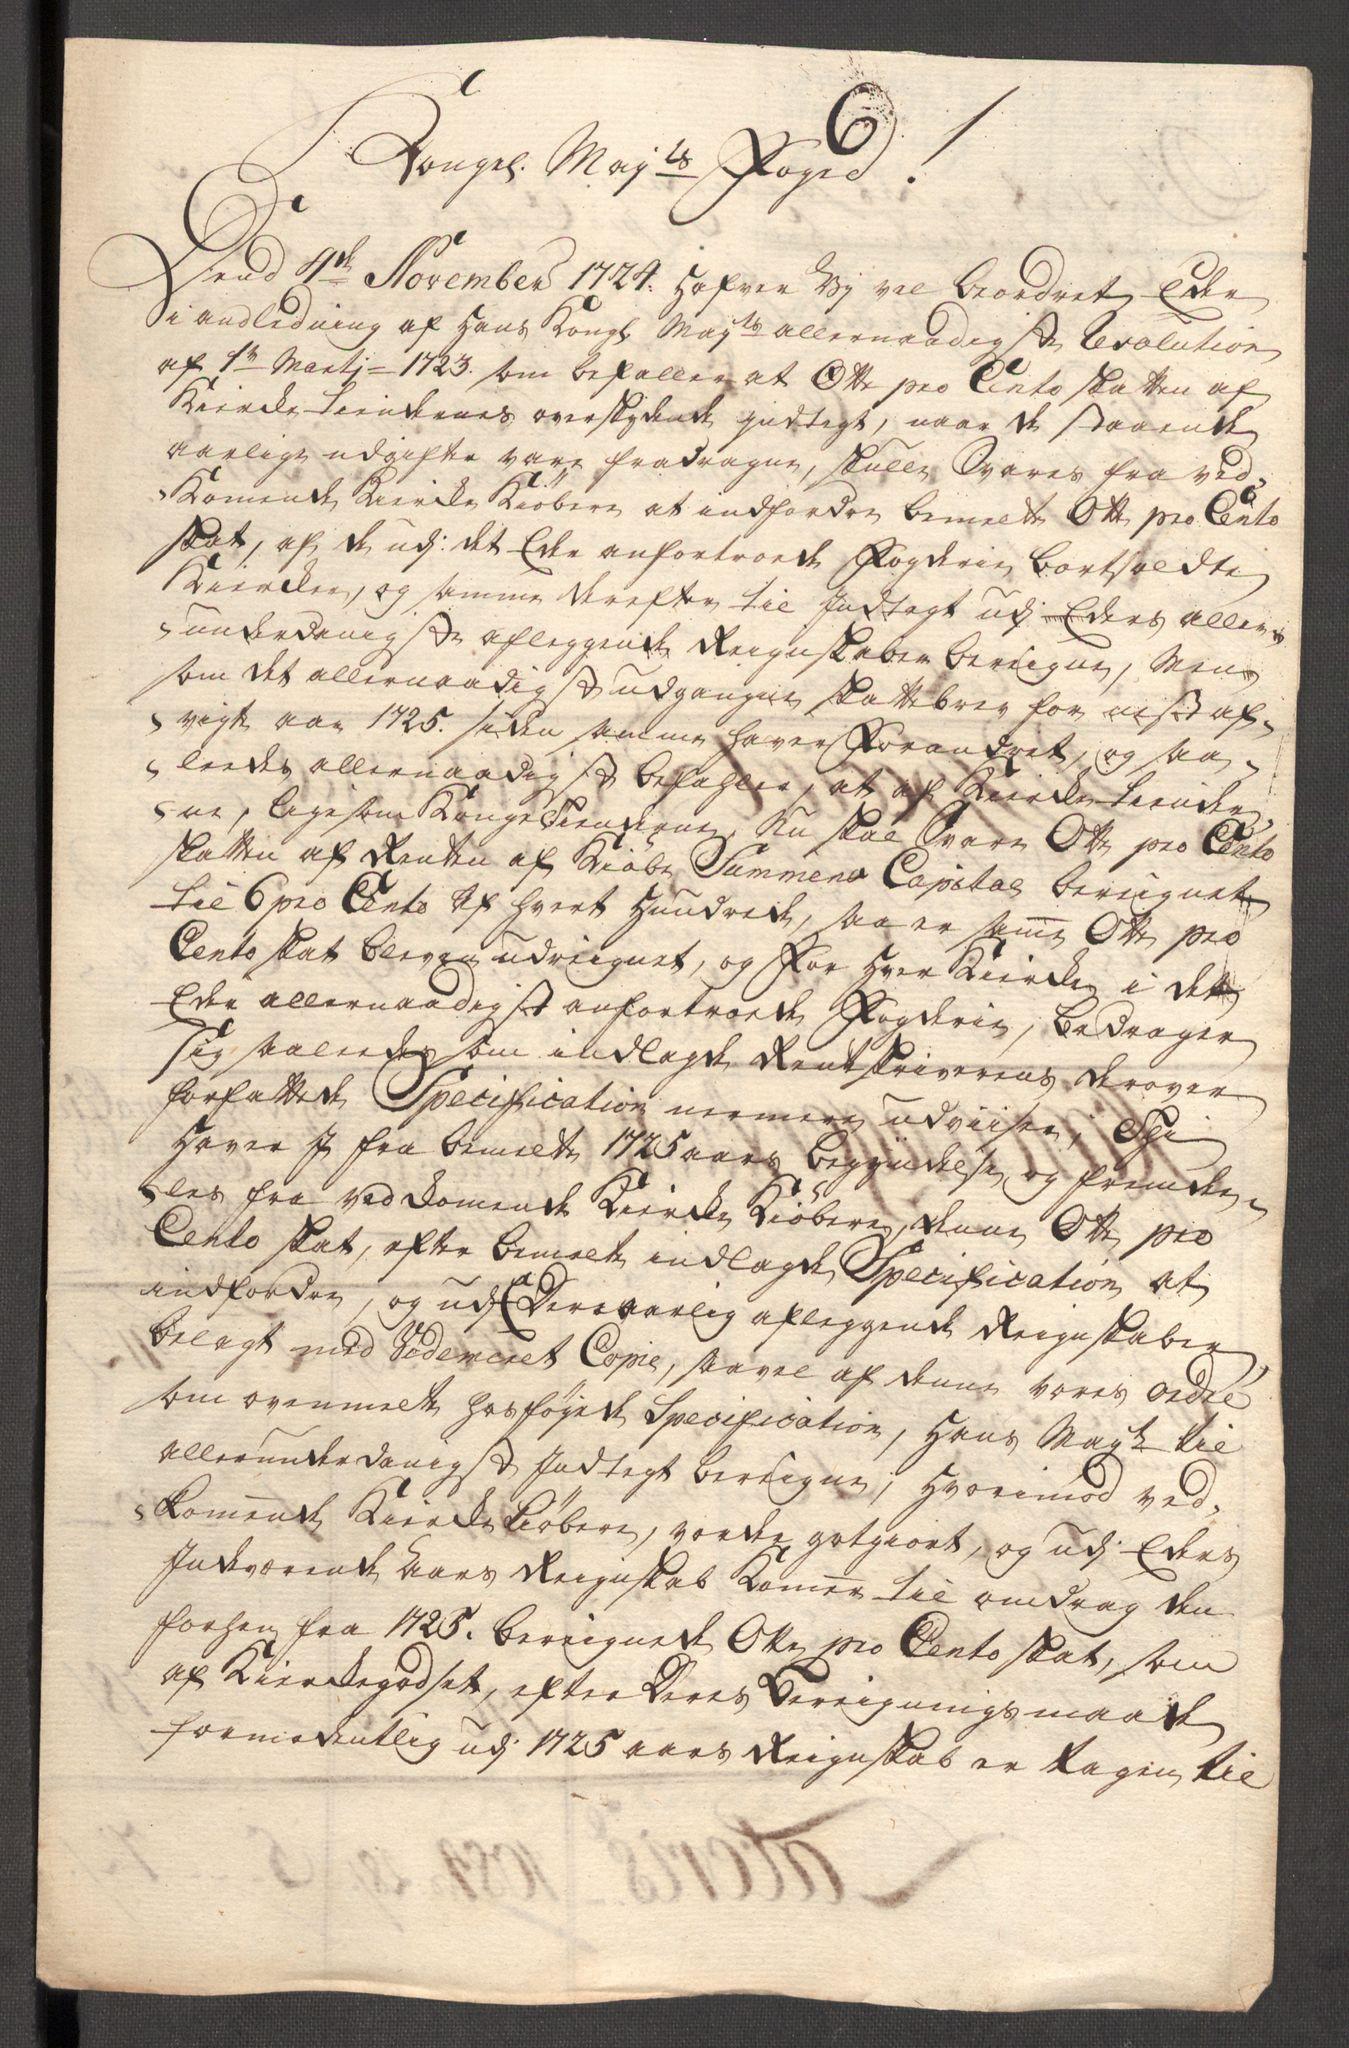 RA, Rentekammeret inntil 1814, Reviderte regnskaper, Fogderegnskap, R48/L3056: Fogderegnskap Sunnhordland og Hardanger, 1751, s. 160